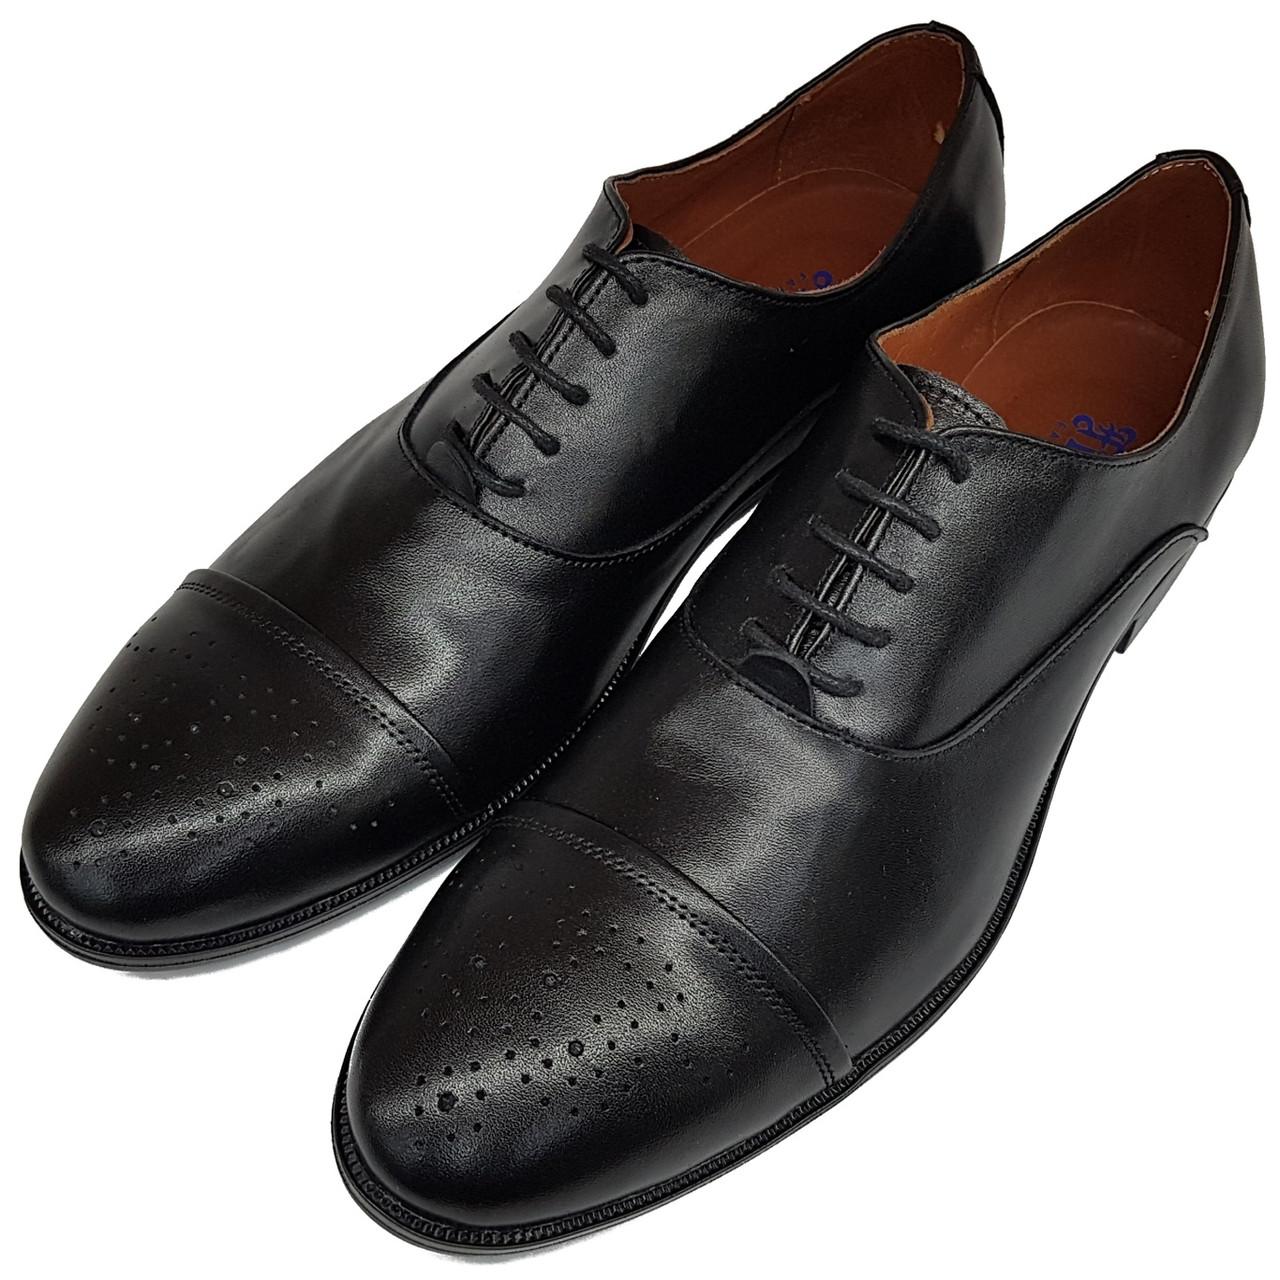 Мужские туфли оксфорды Flamanti кожаные черные SH0024/24